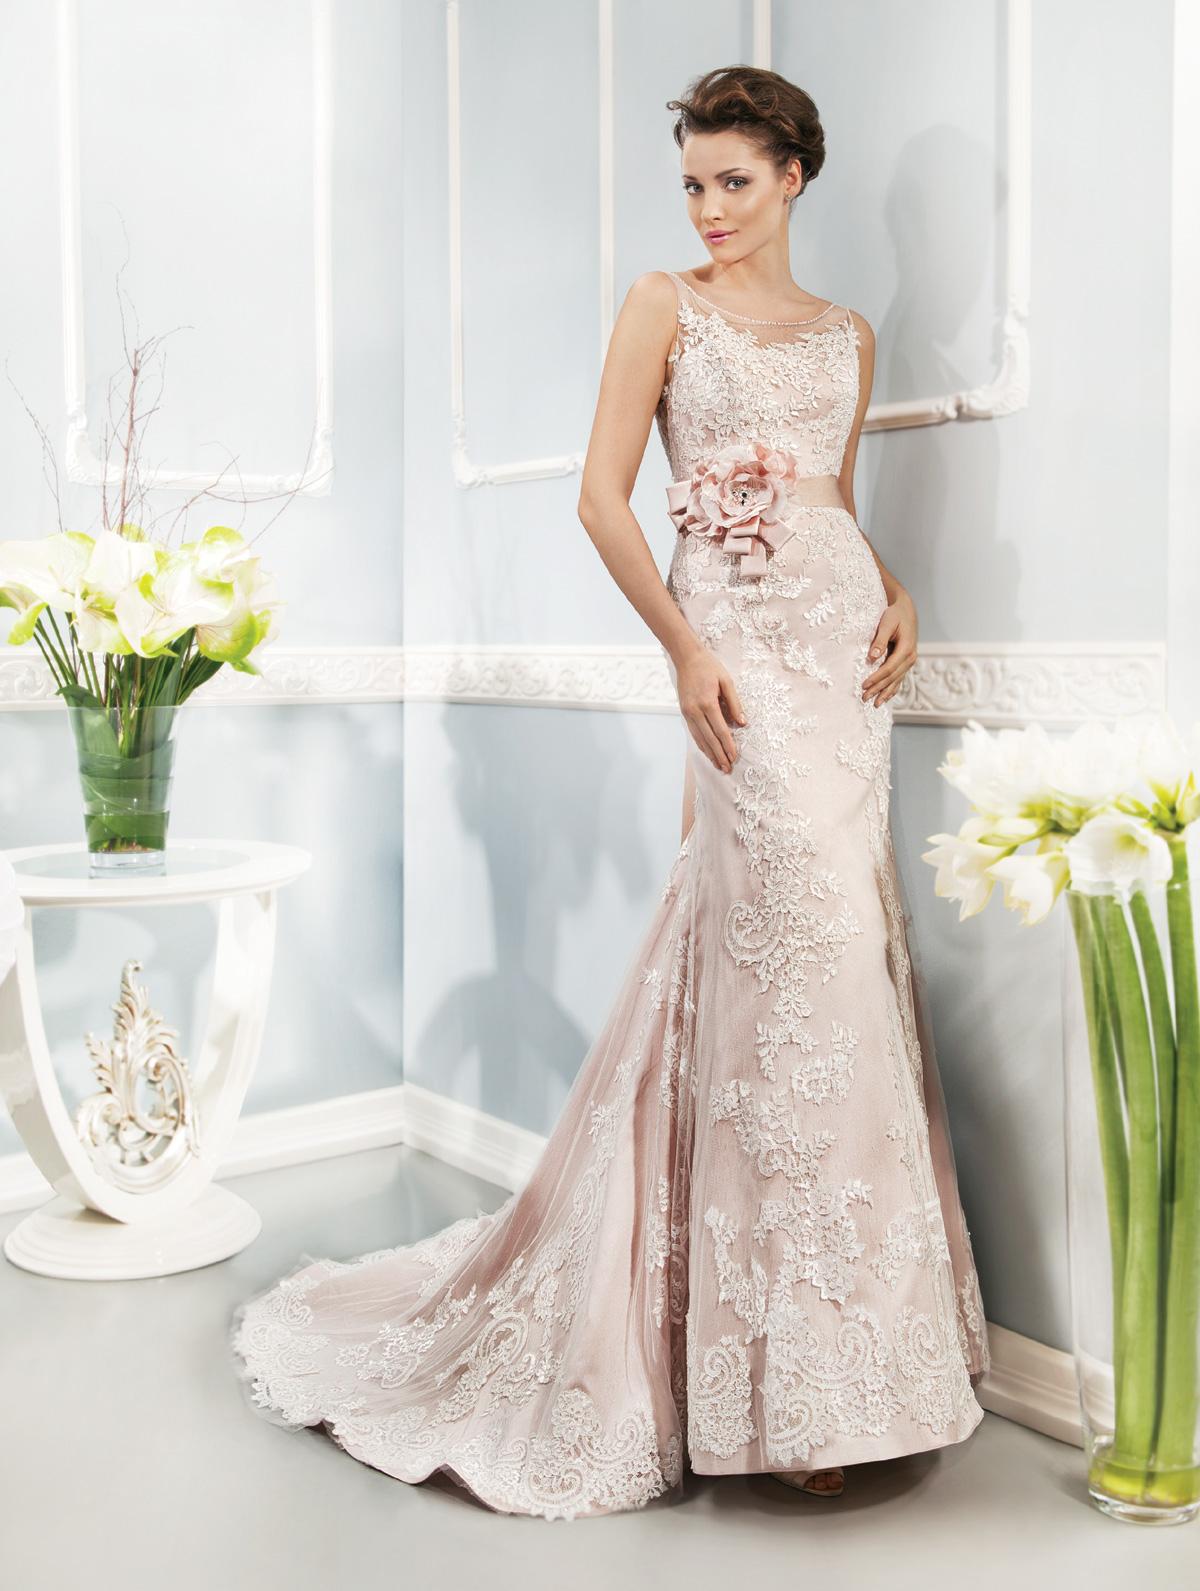 Vestido de Noiva justo, em renda, com transparência no decote, faixa com flor de tecido na cintura e leve cauda.